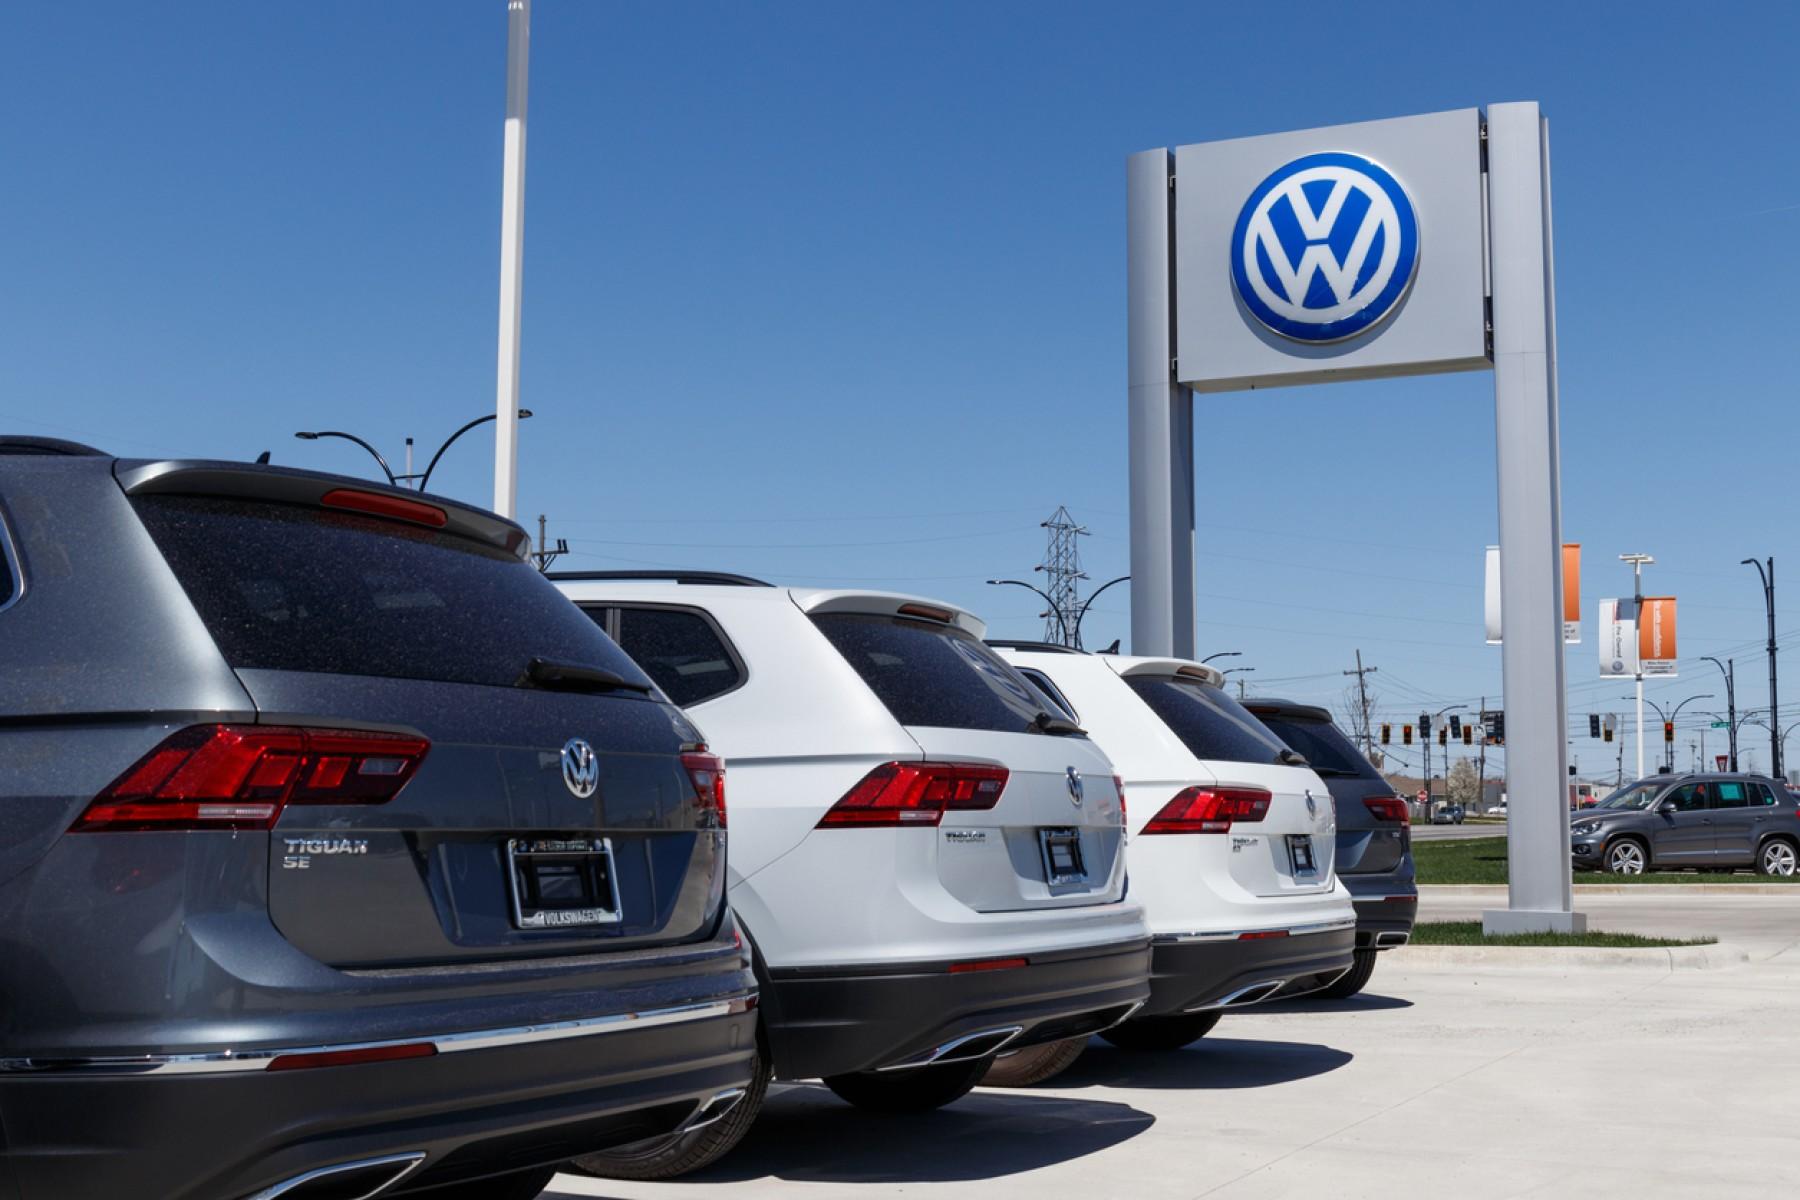 Distribuidor de Volkswagen ofrece disculpas por foto nazi